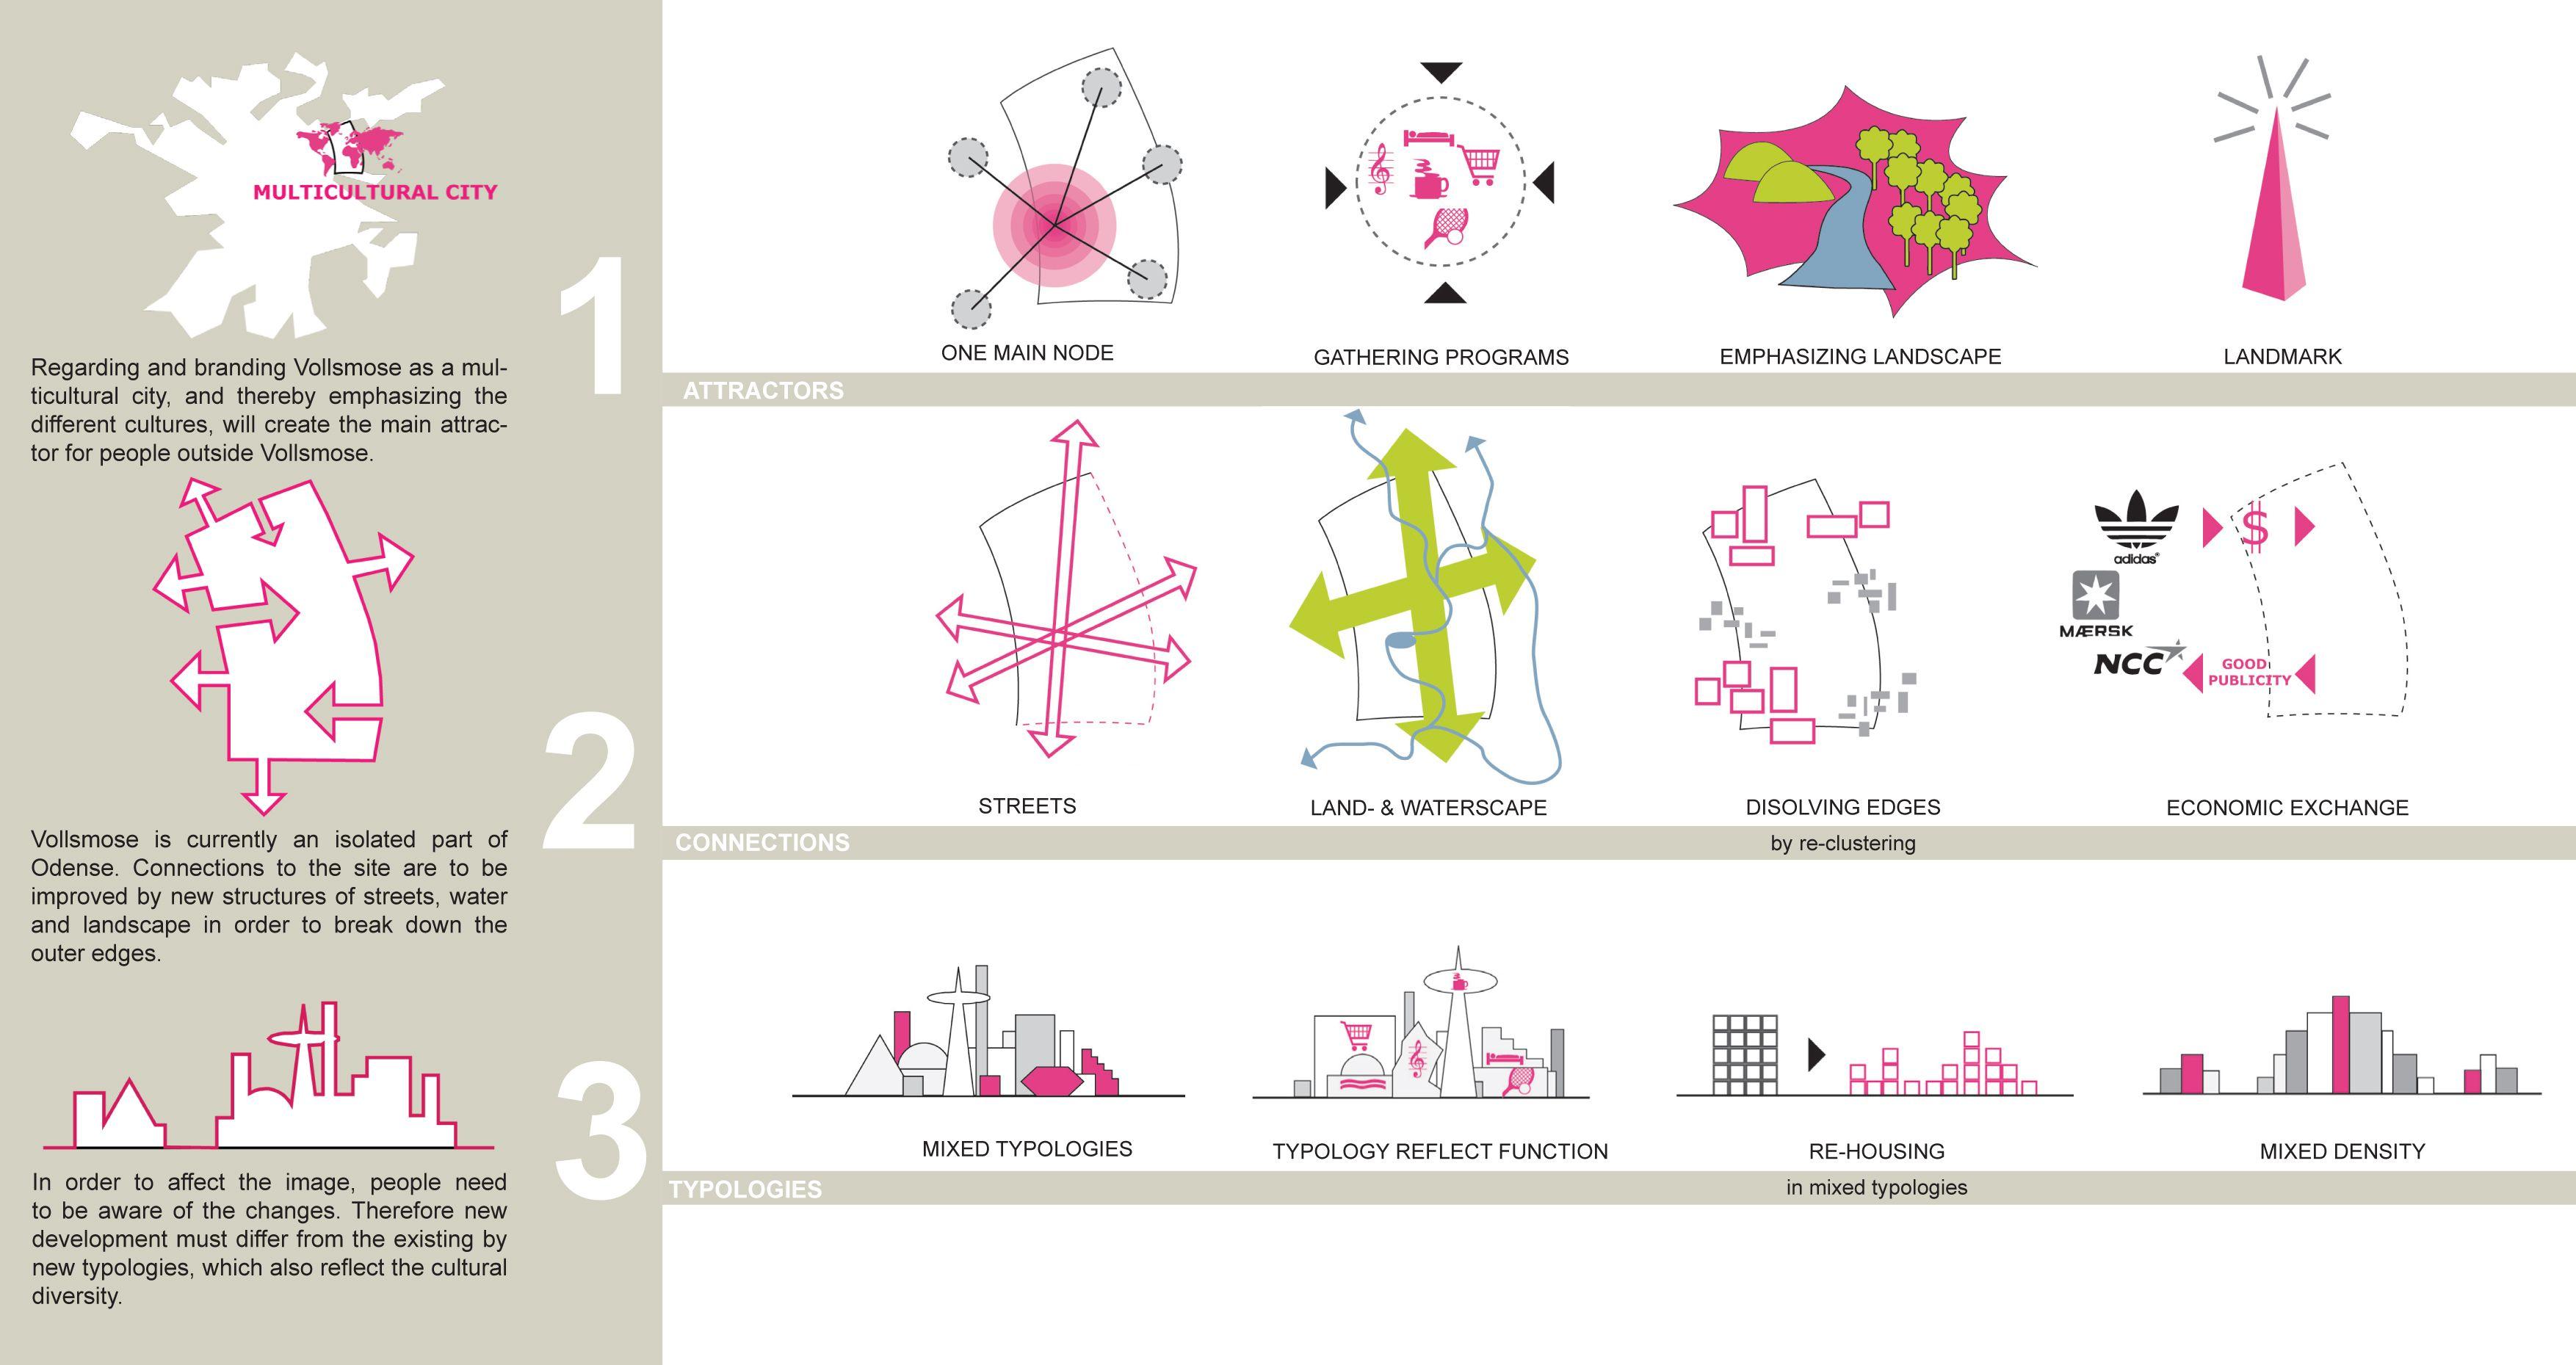 Urban Design Concepts Diagram | ARCH 310 | Urban design concept